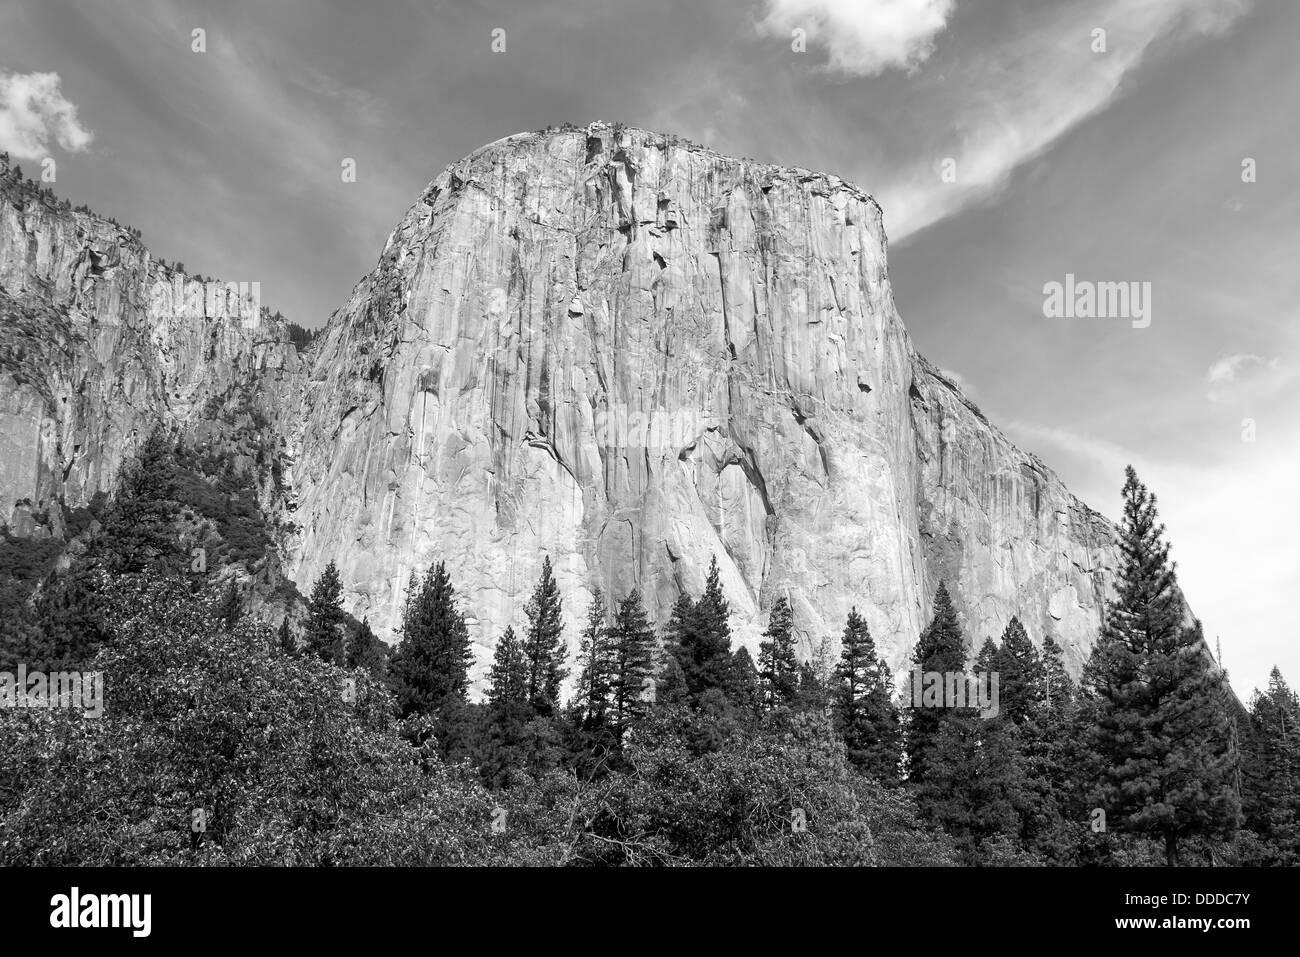 Le magnifique El Capitan au Yosemite National Park en Californie Banque D'Images